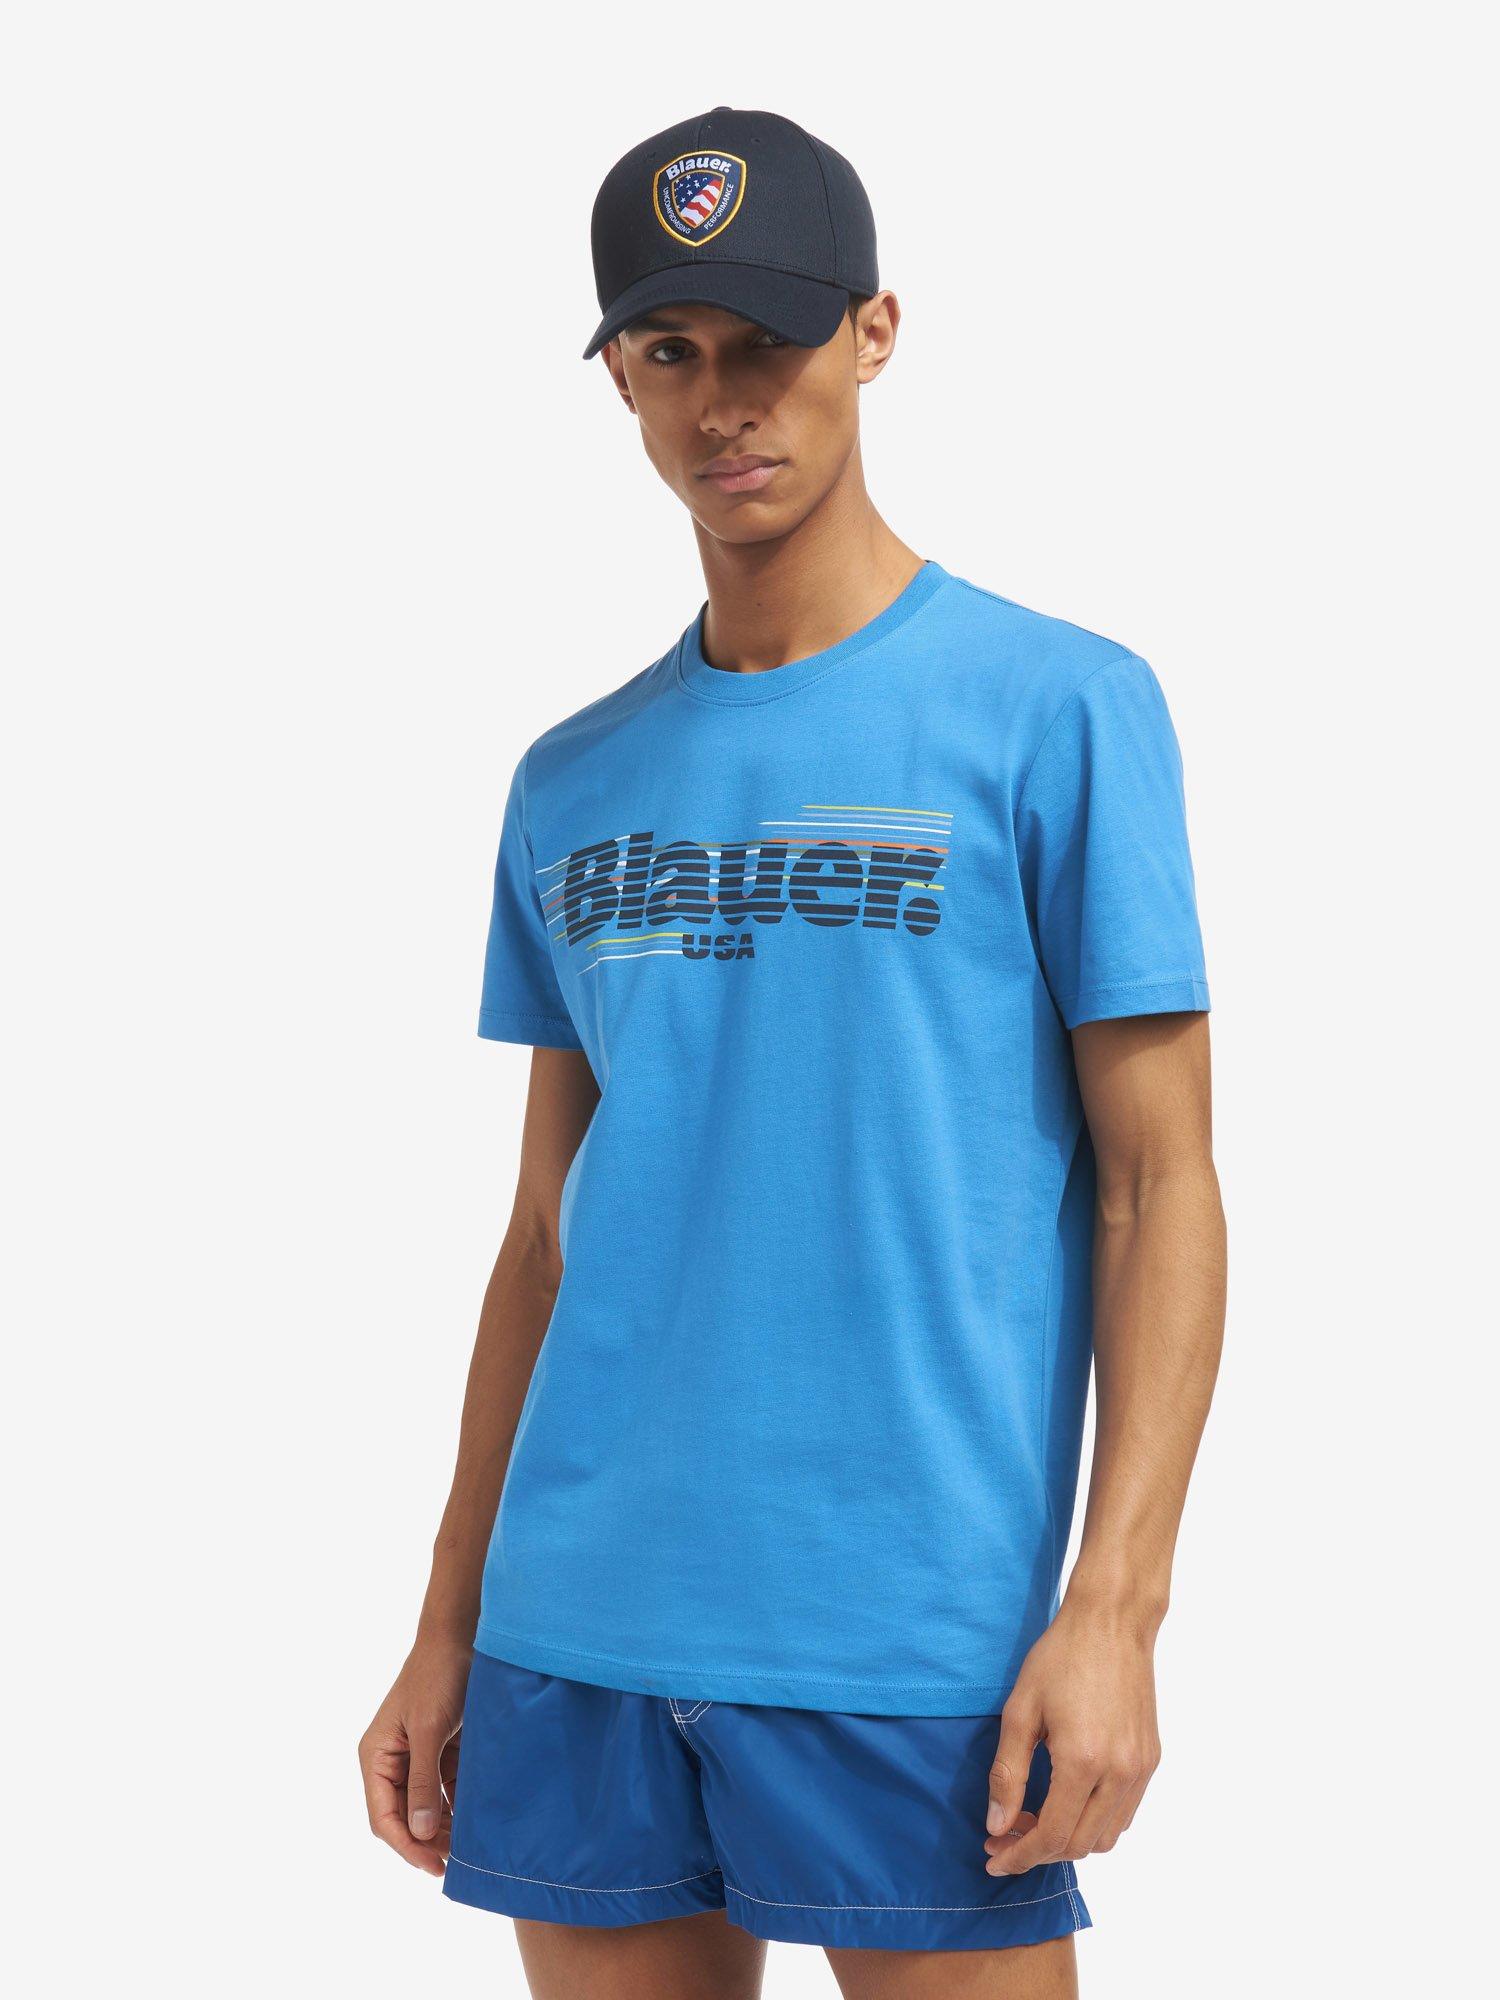 T-SHIRT A RAYURES BLAUER - Blauer